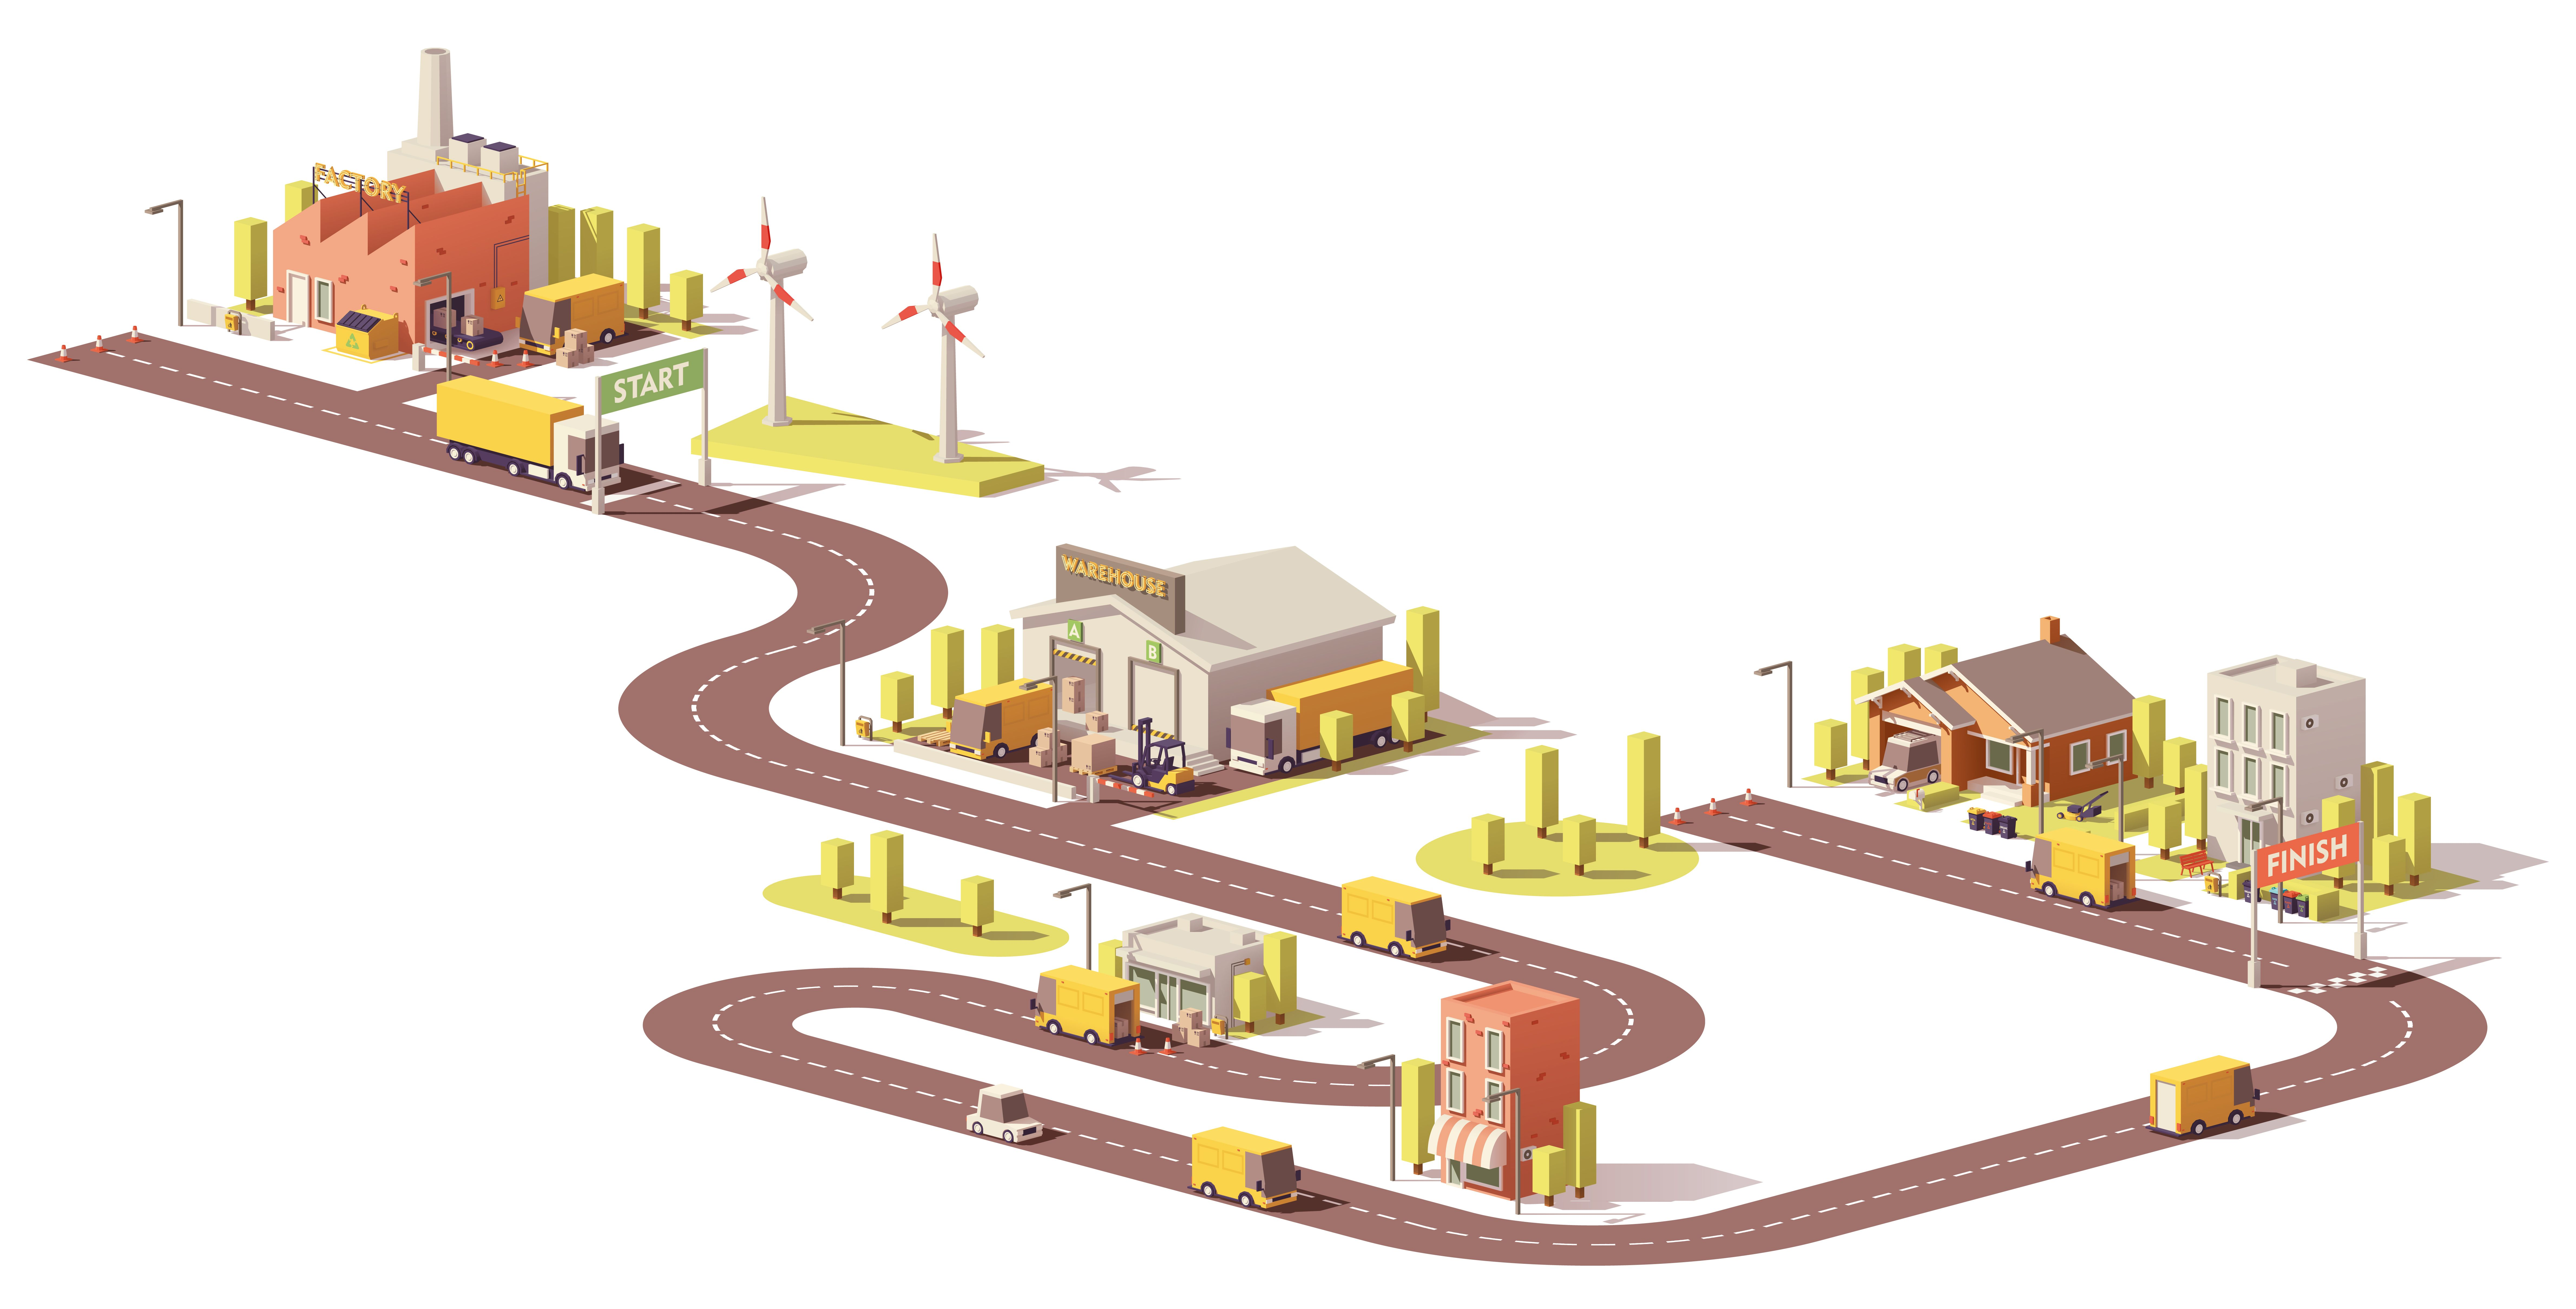 gestion-de-la-chaîne logistique-exemple